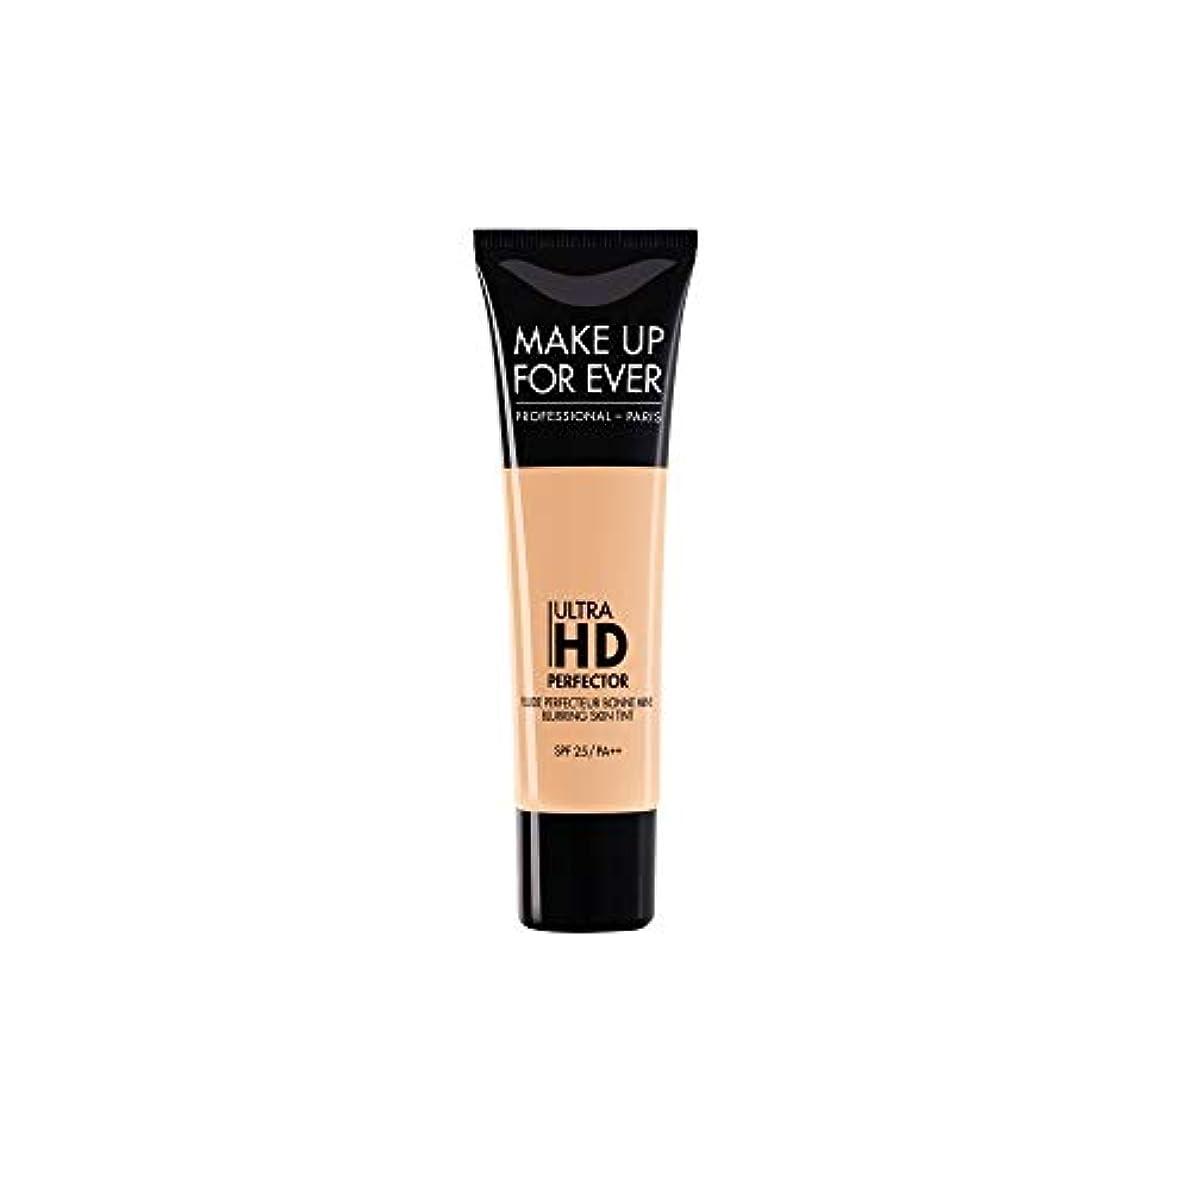 スポット重要かび臭いメイクアップフォーエバー Ultra HD Perfector Blurring Skin Tint SPF25 - # 05 Sand 30ml/1.01oz並行輸入品